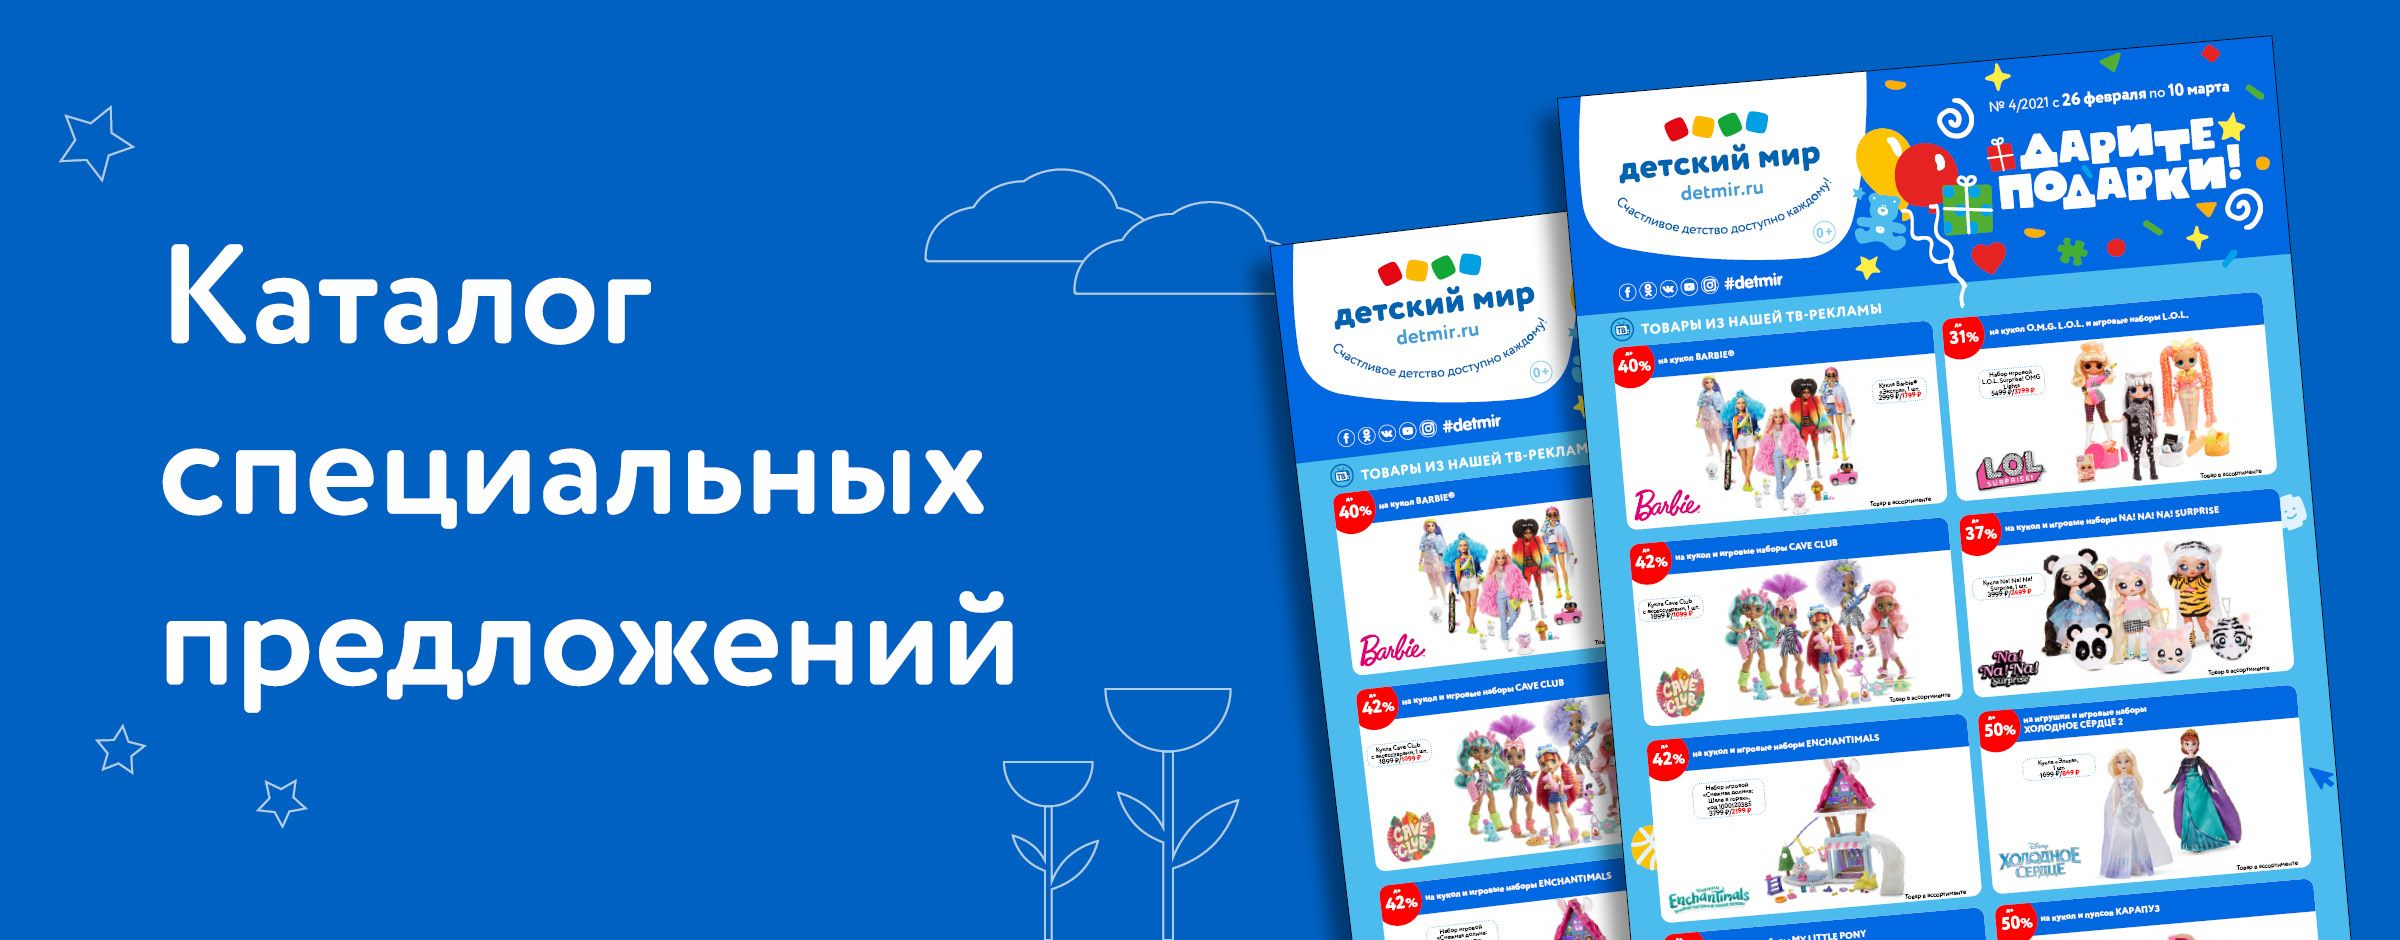 Каталог РФ №3 статика